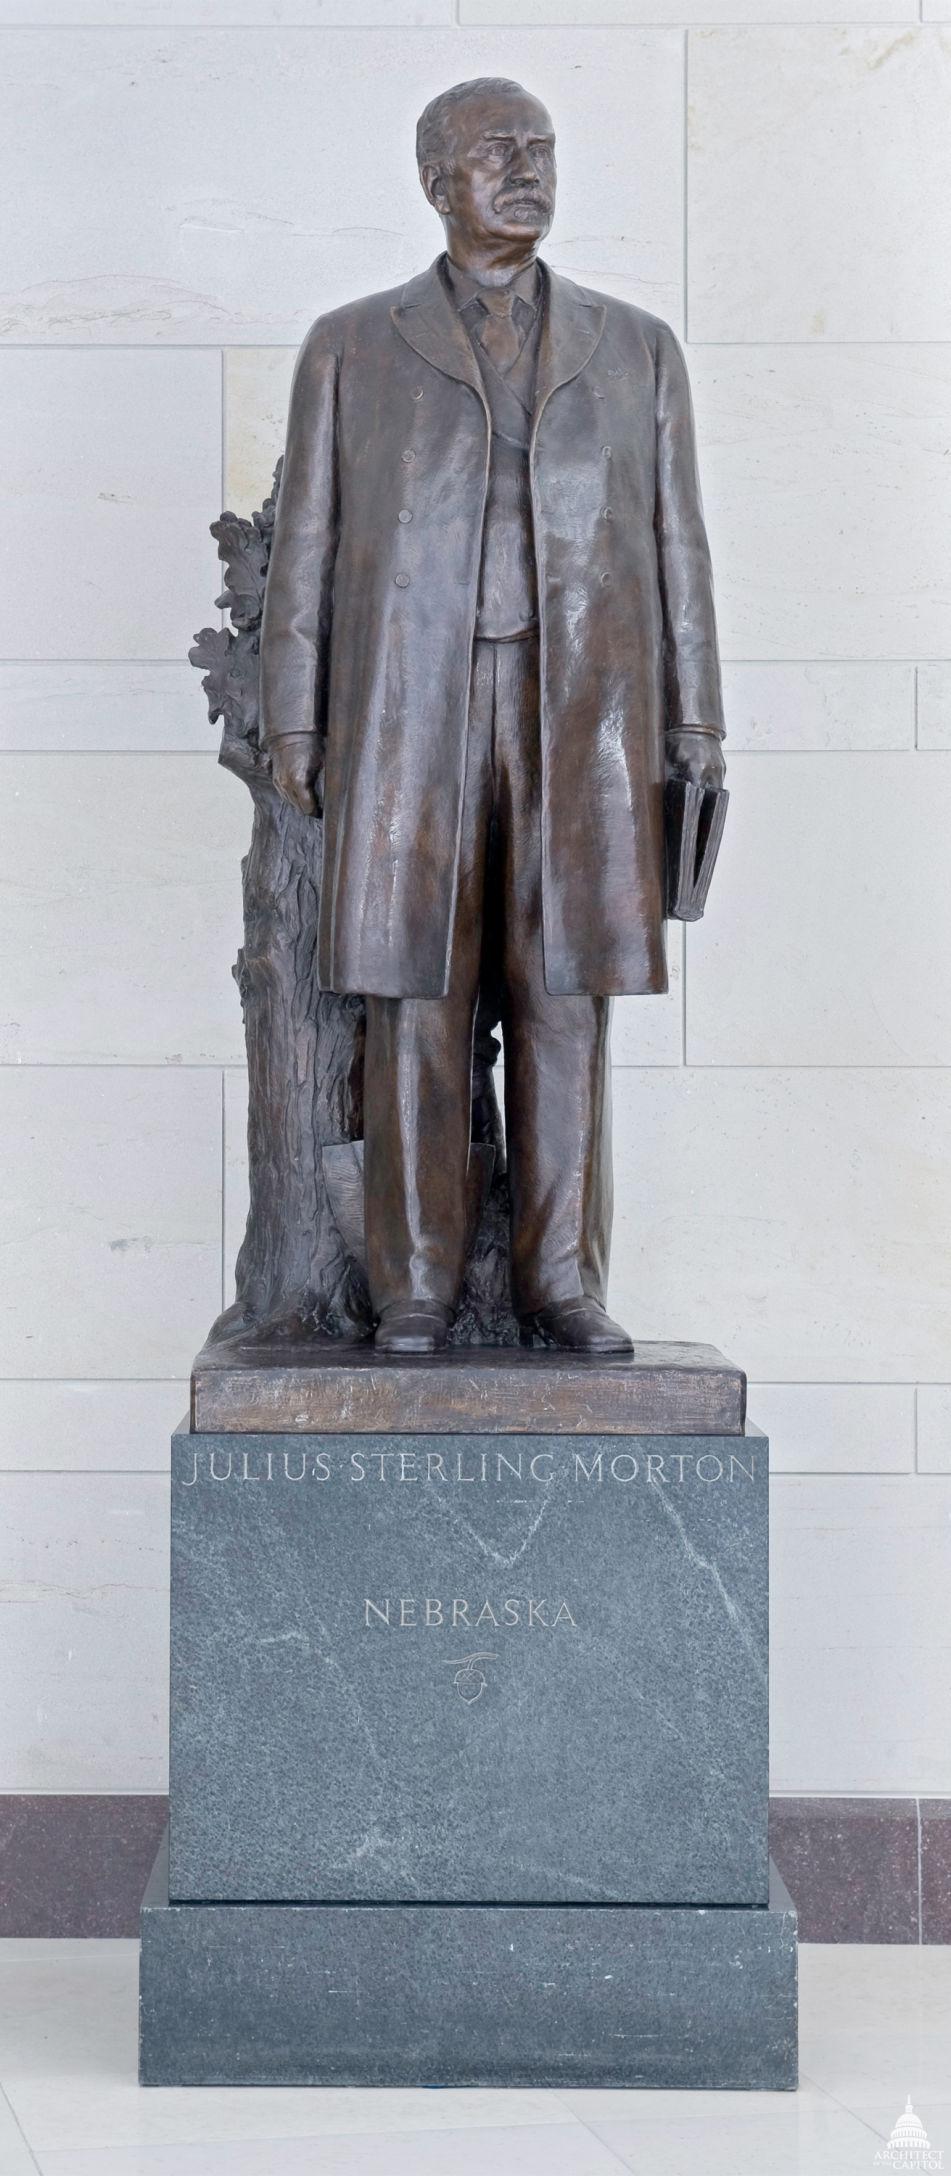 Julius Sterling Morton statue